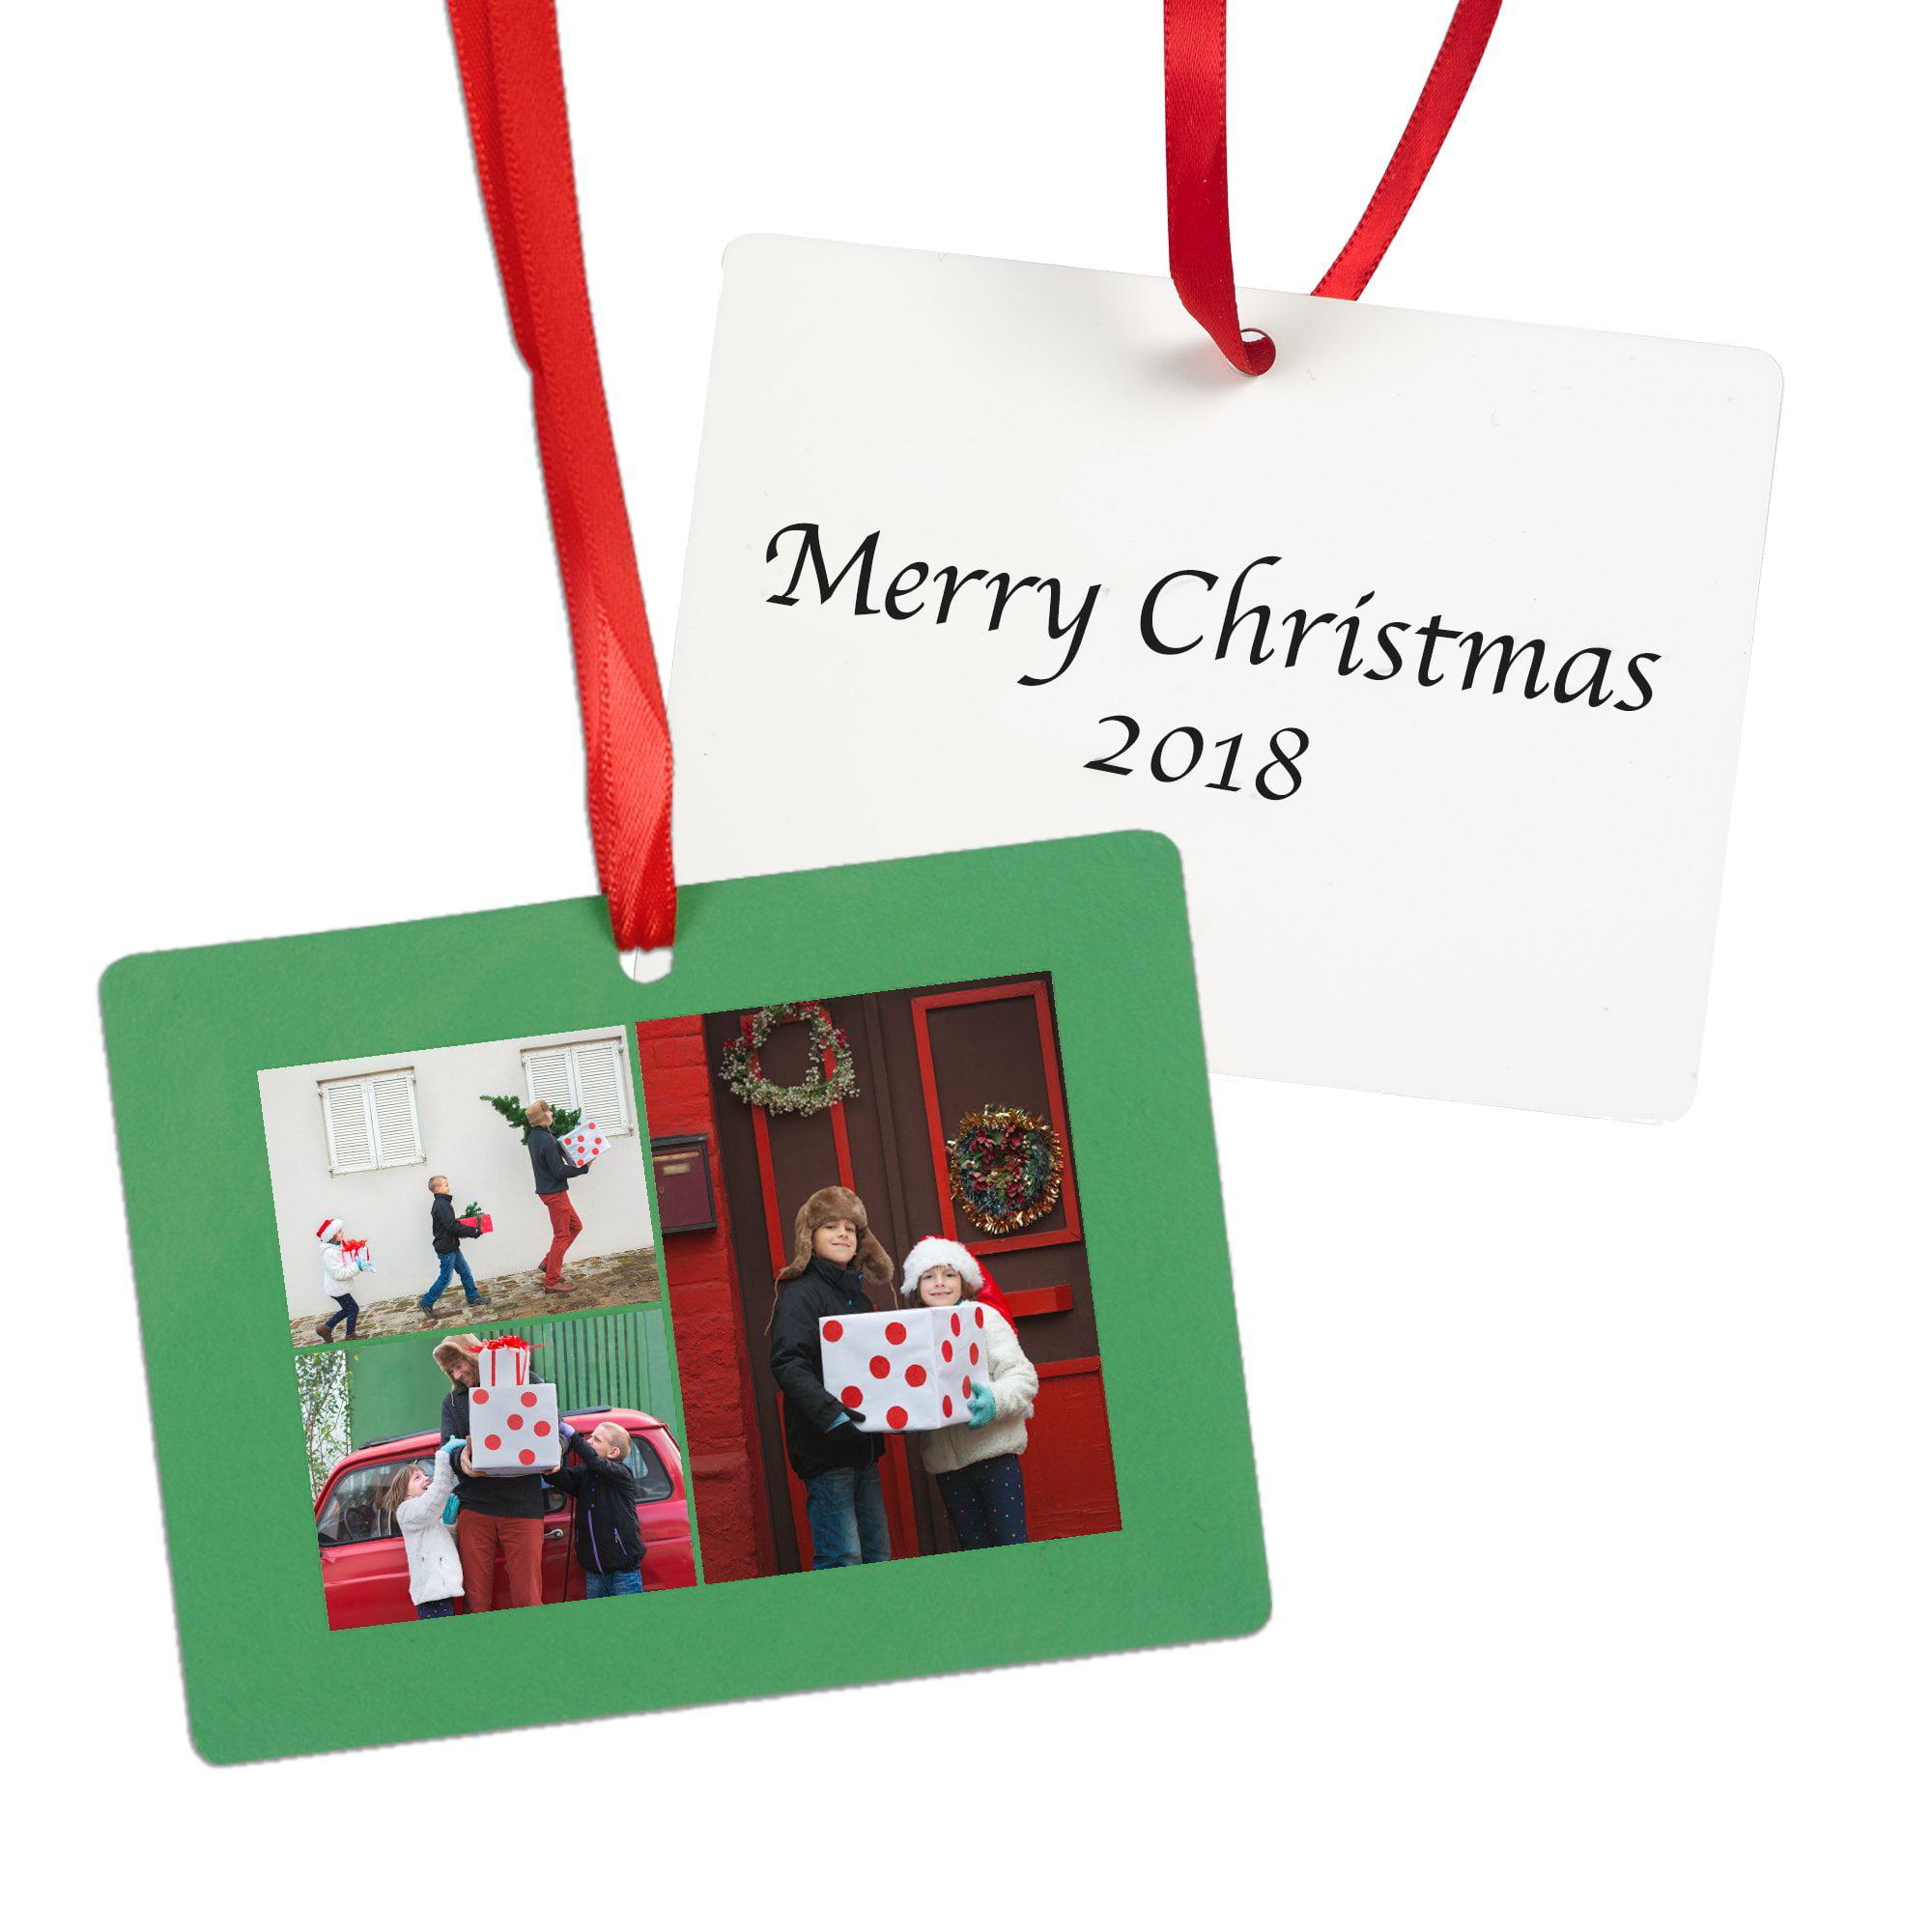 Photo Collage Ornament